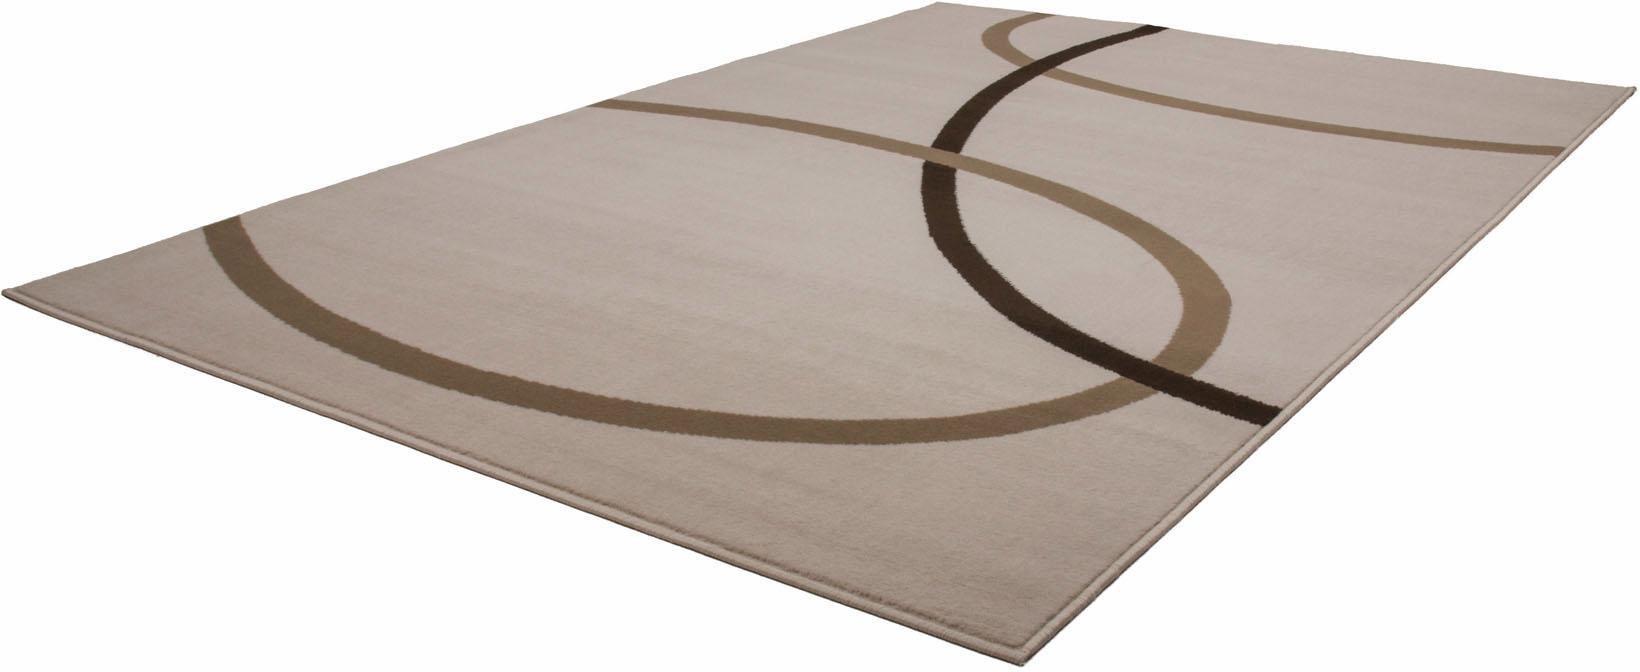 Teppich Roh! 4010 Kayoom rechteckig Höhe 10 mm